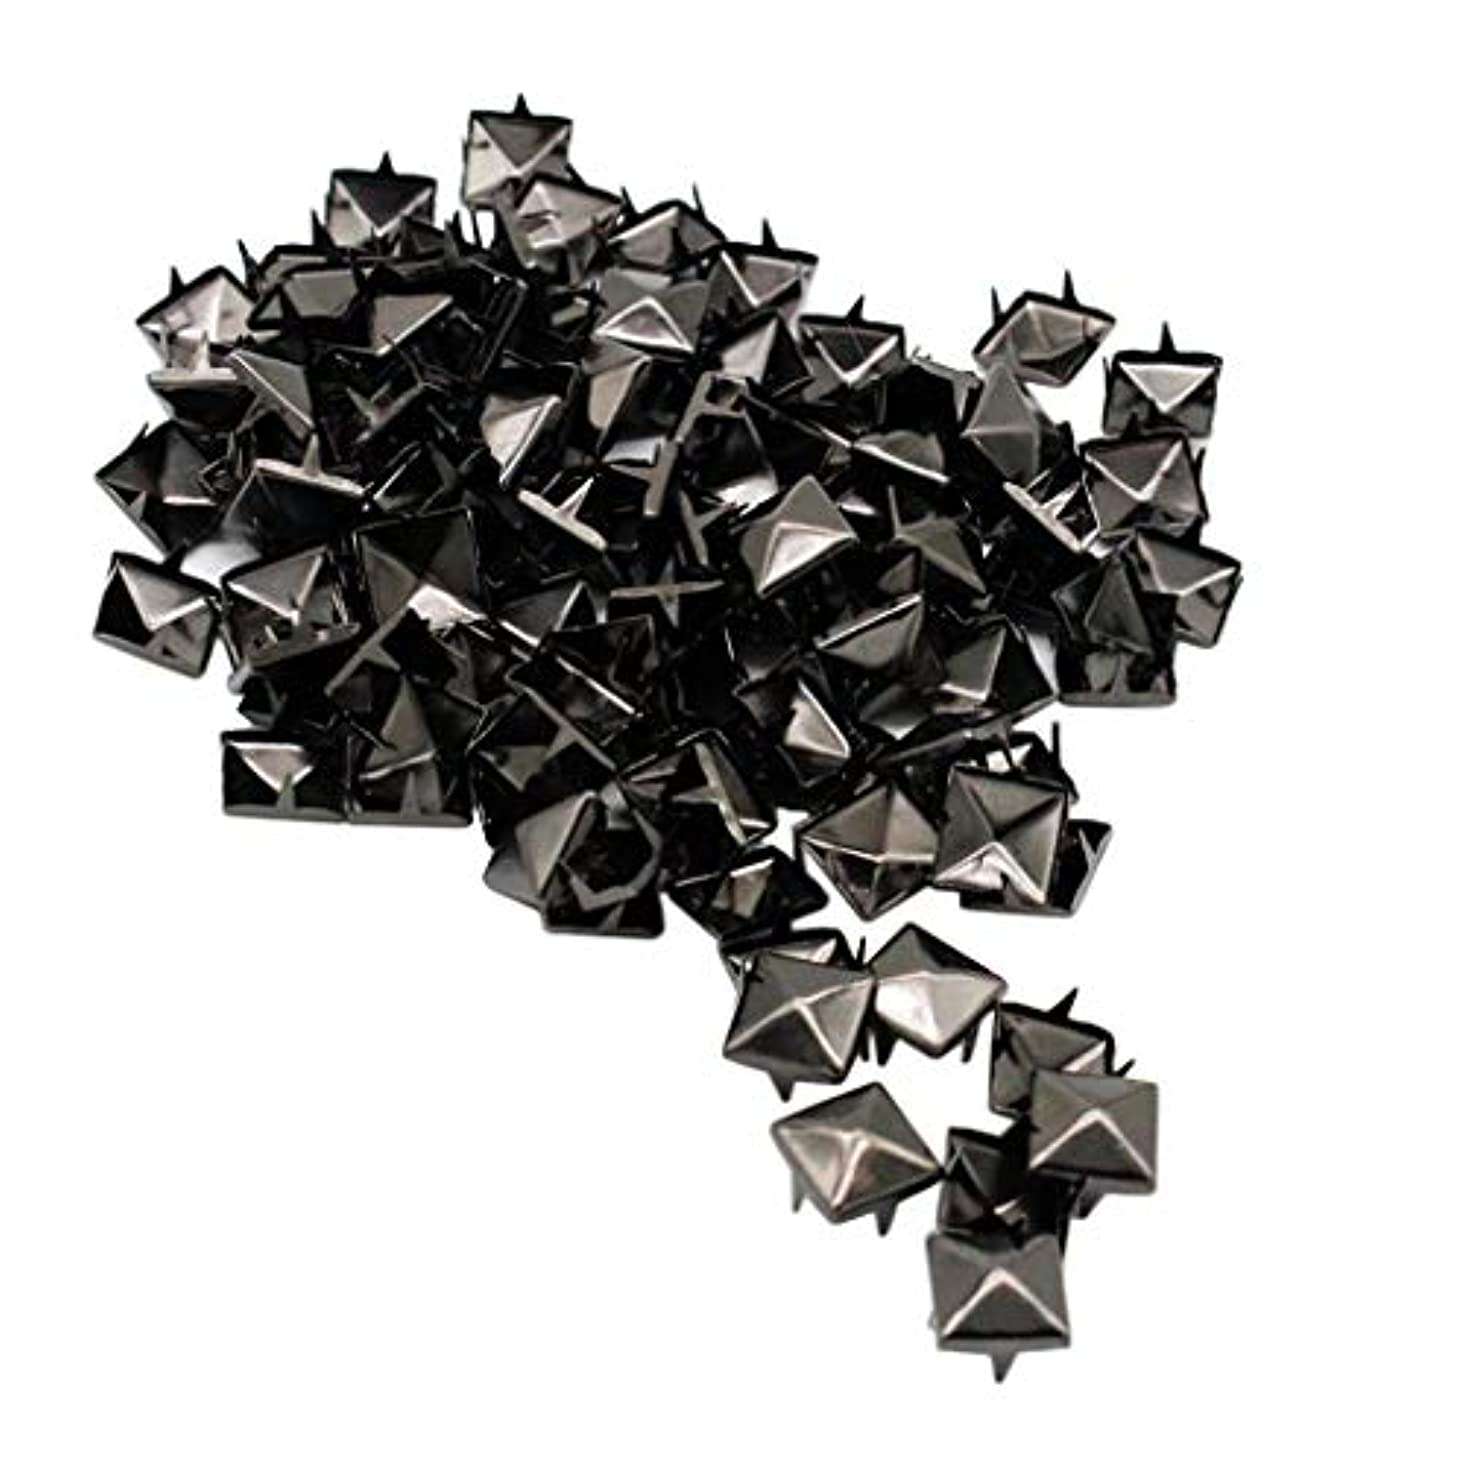 メディカル敬意を表する聖書スタッズ 角ビョウ 鋲 ピラミッド リベット 角鋲 布革細工 服アクセサリー 約500個入り